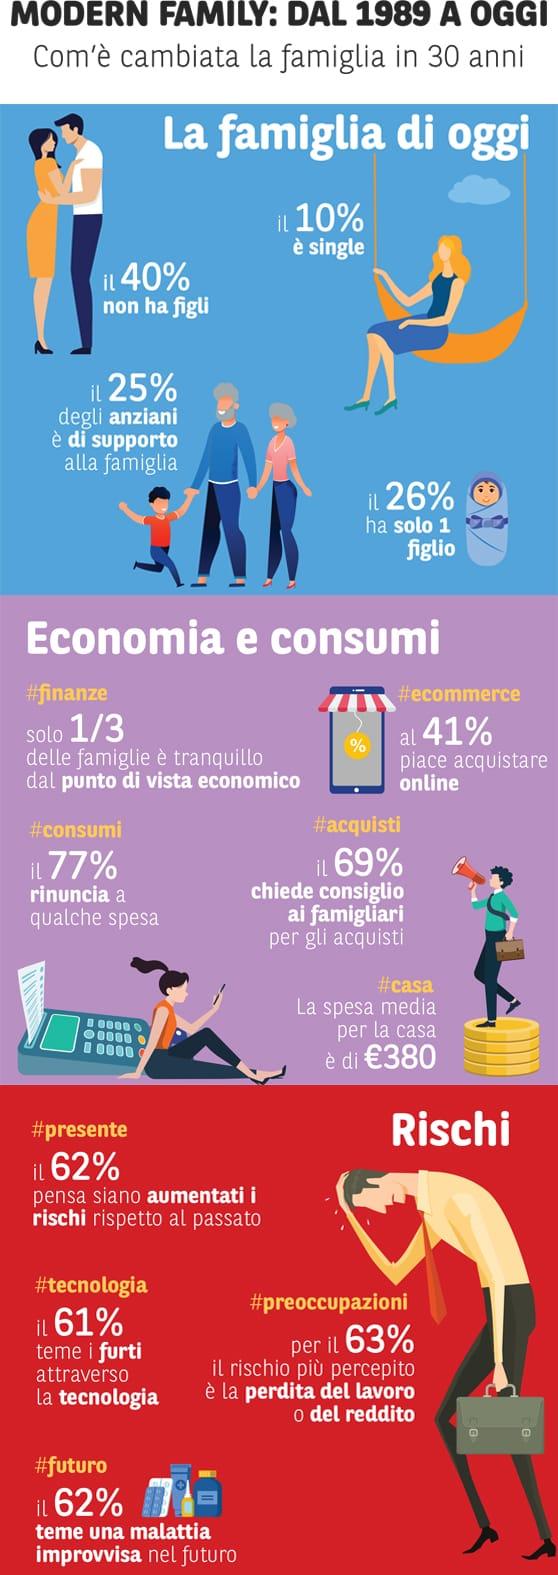 Famiglie italiane, negli ultimi 30 anni sono più felici. Ma cresce l'ansia per il lavoro